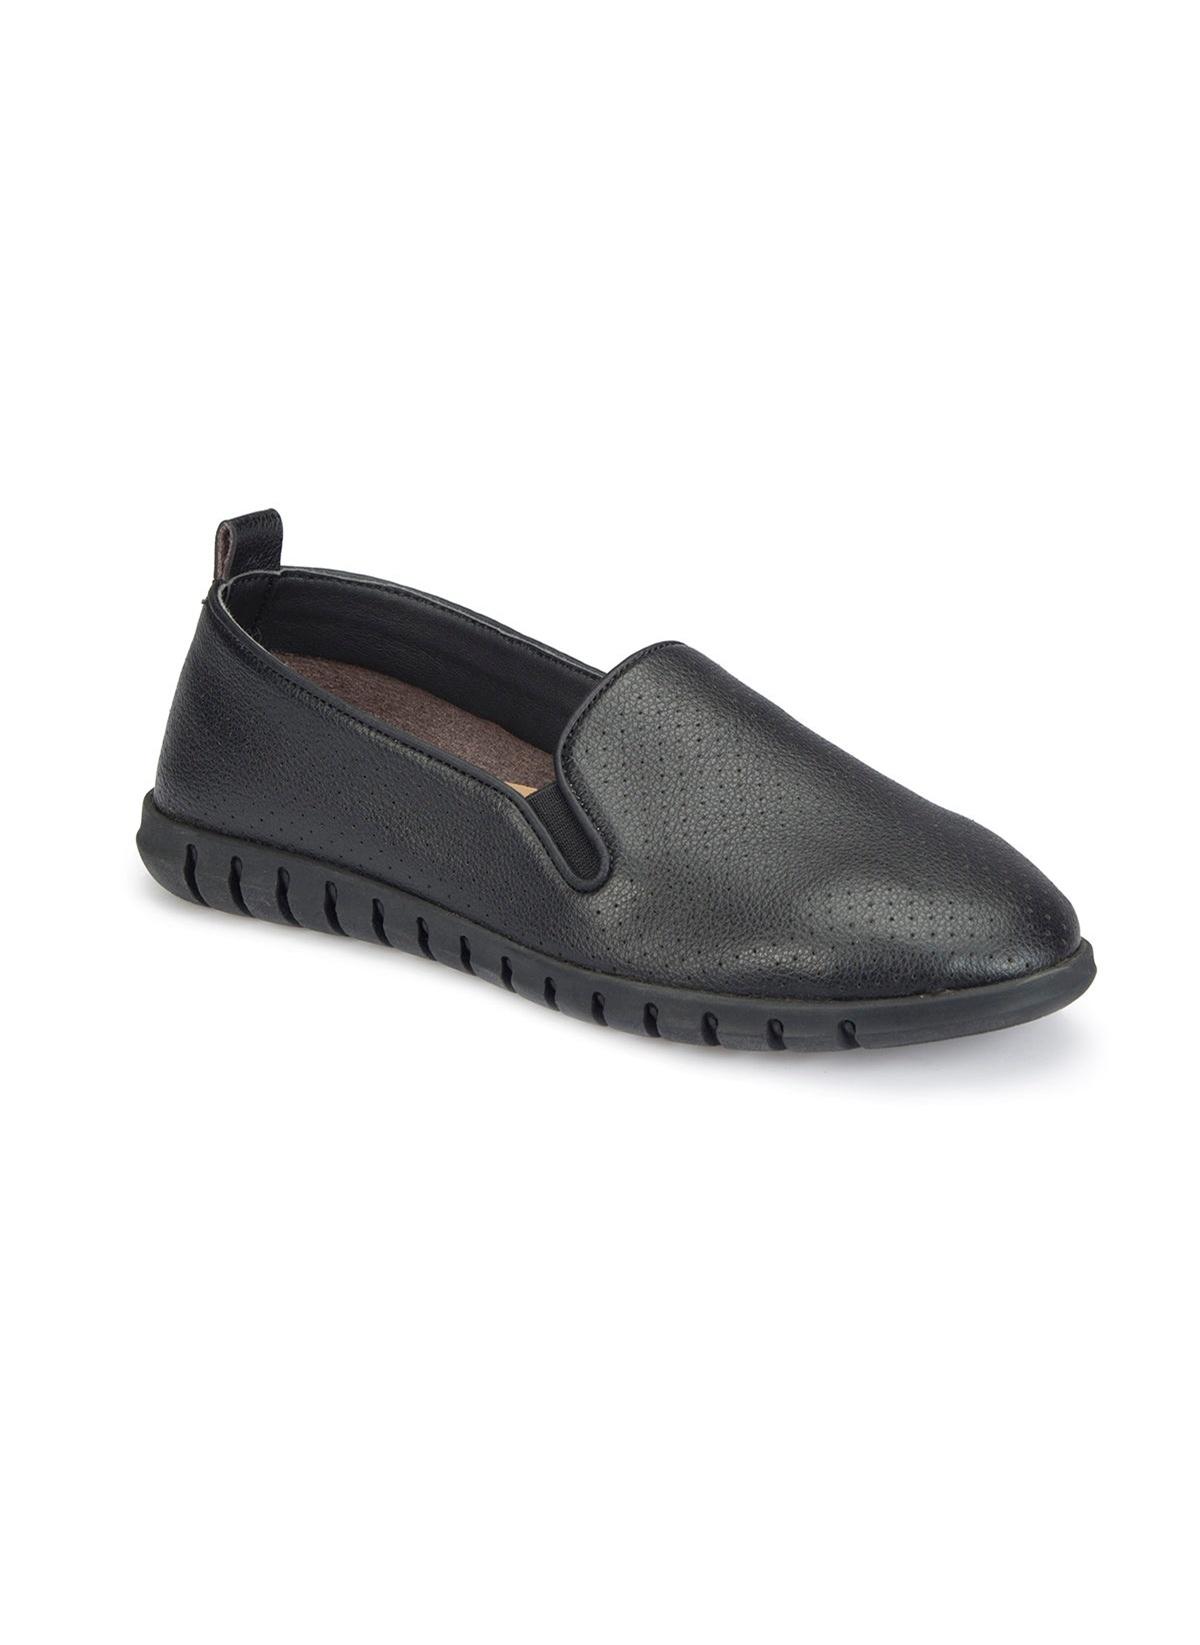 Polaris Ayakkabı 81.158412.z Basic Comfort – 69.99 TL